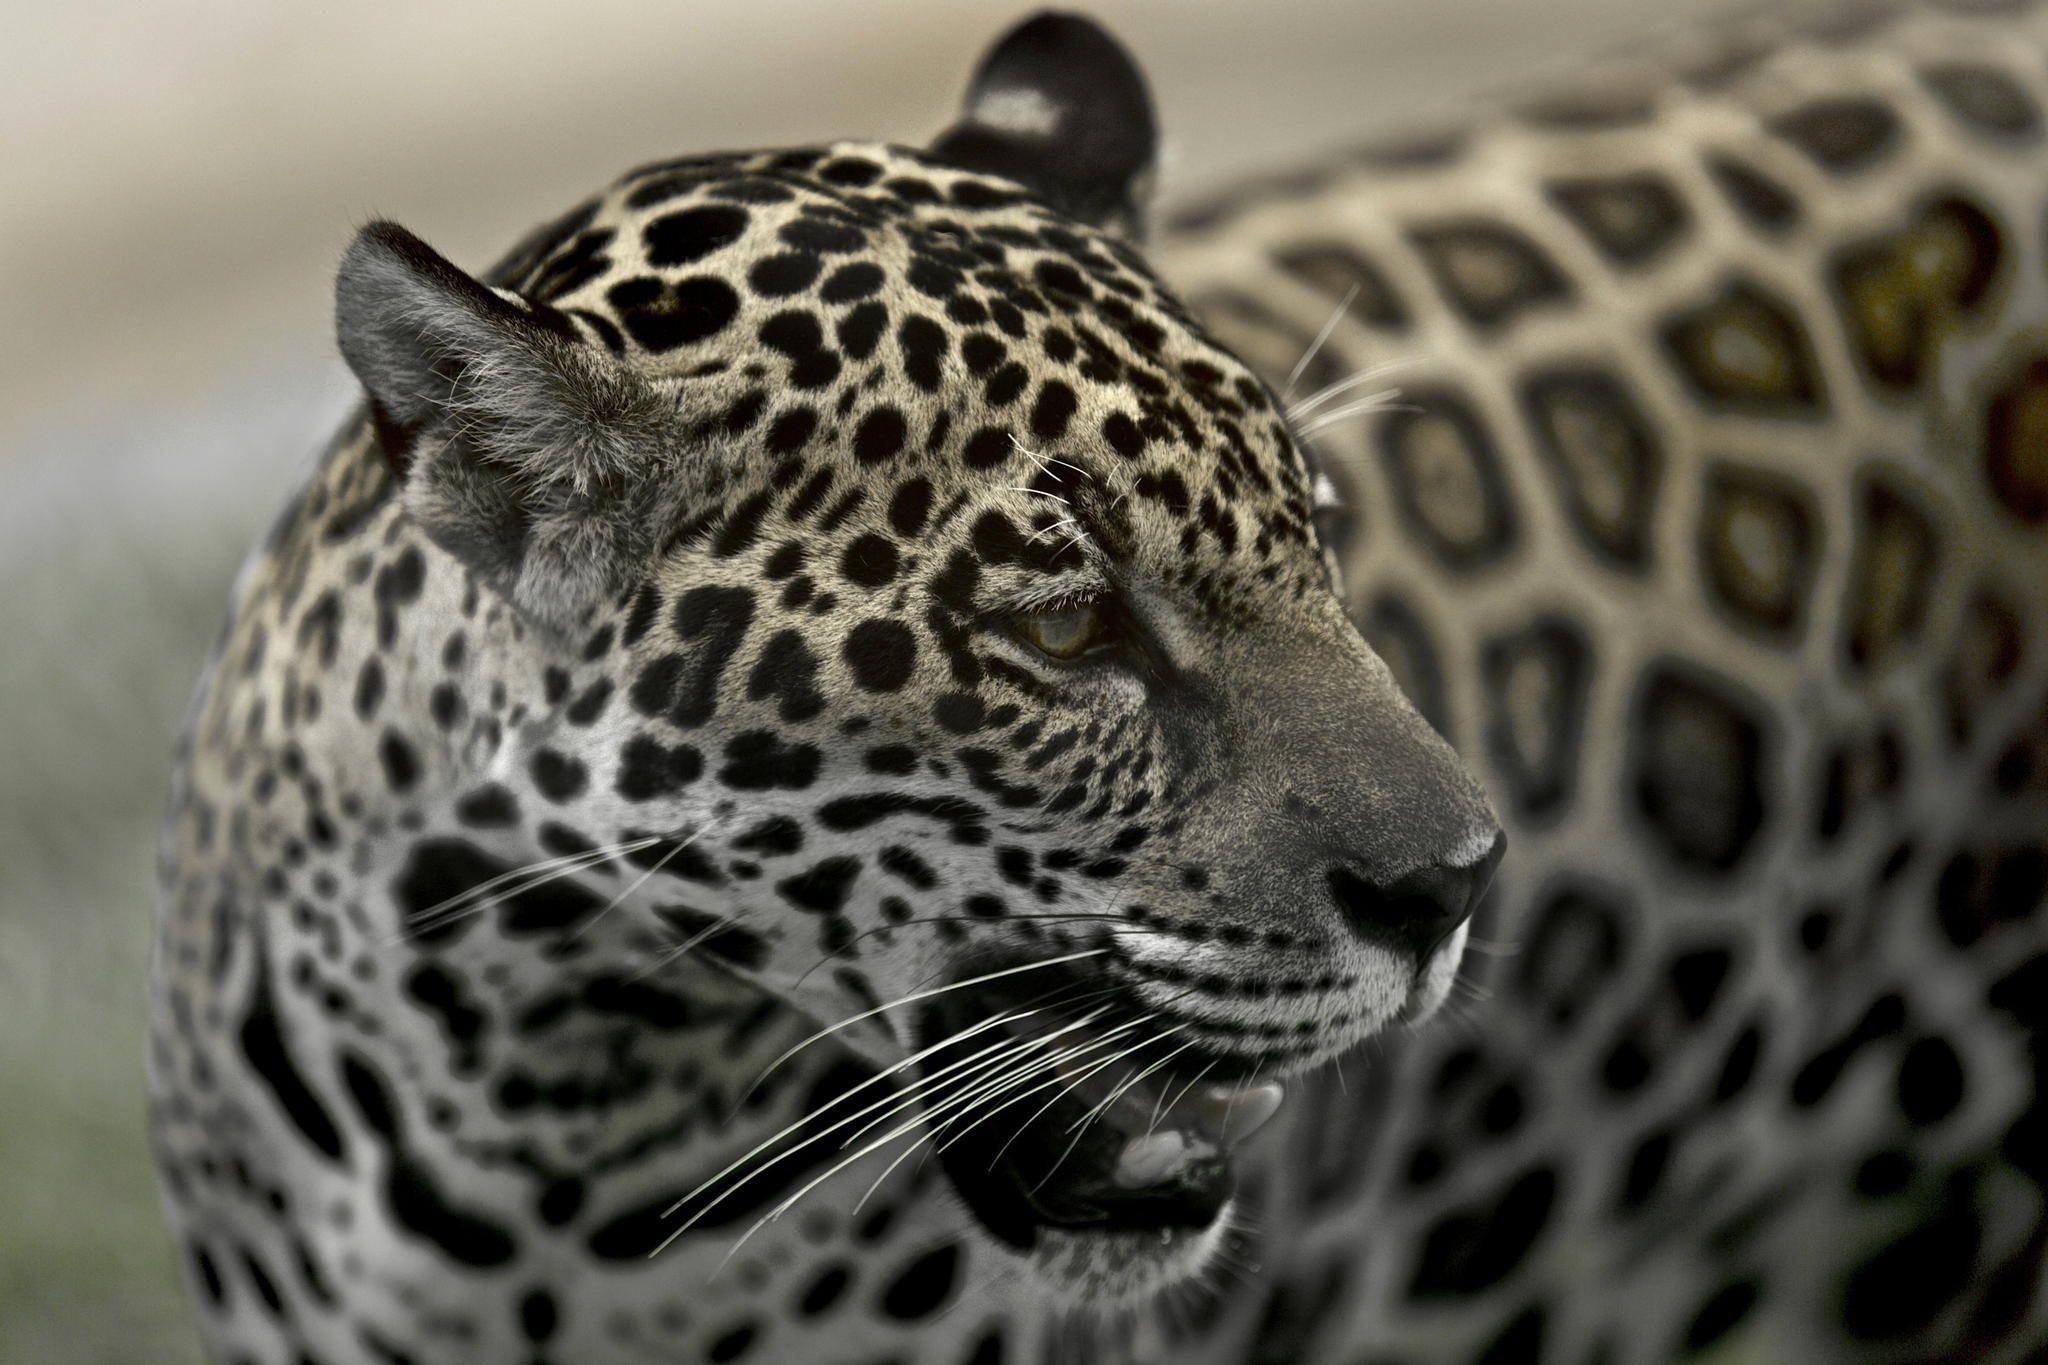 500px 上の Tiago Rodrigues の写真 Panthera onca